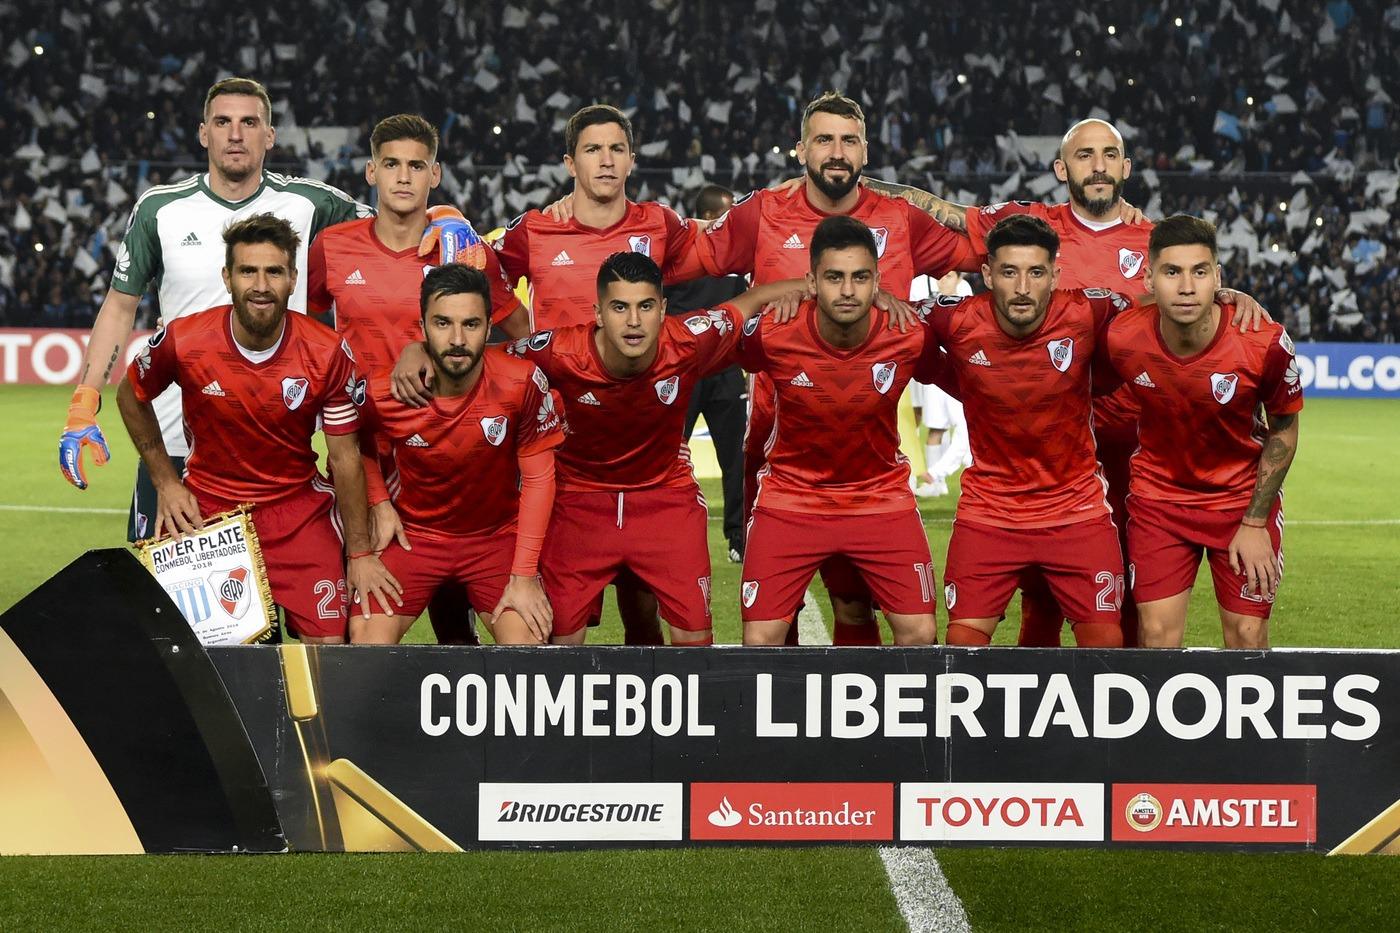 River Plate-Palestino mercoledì 13 marzo